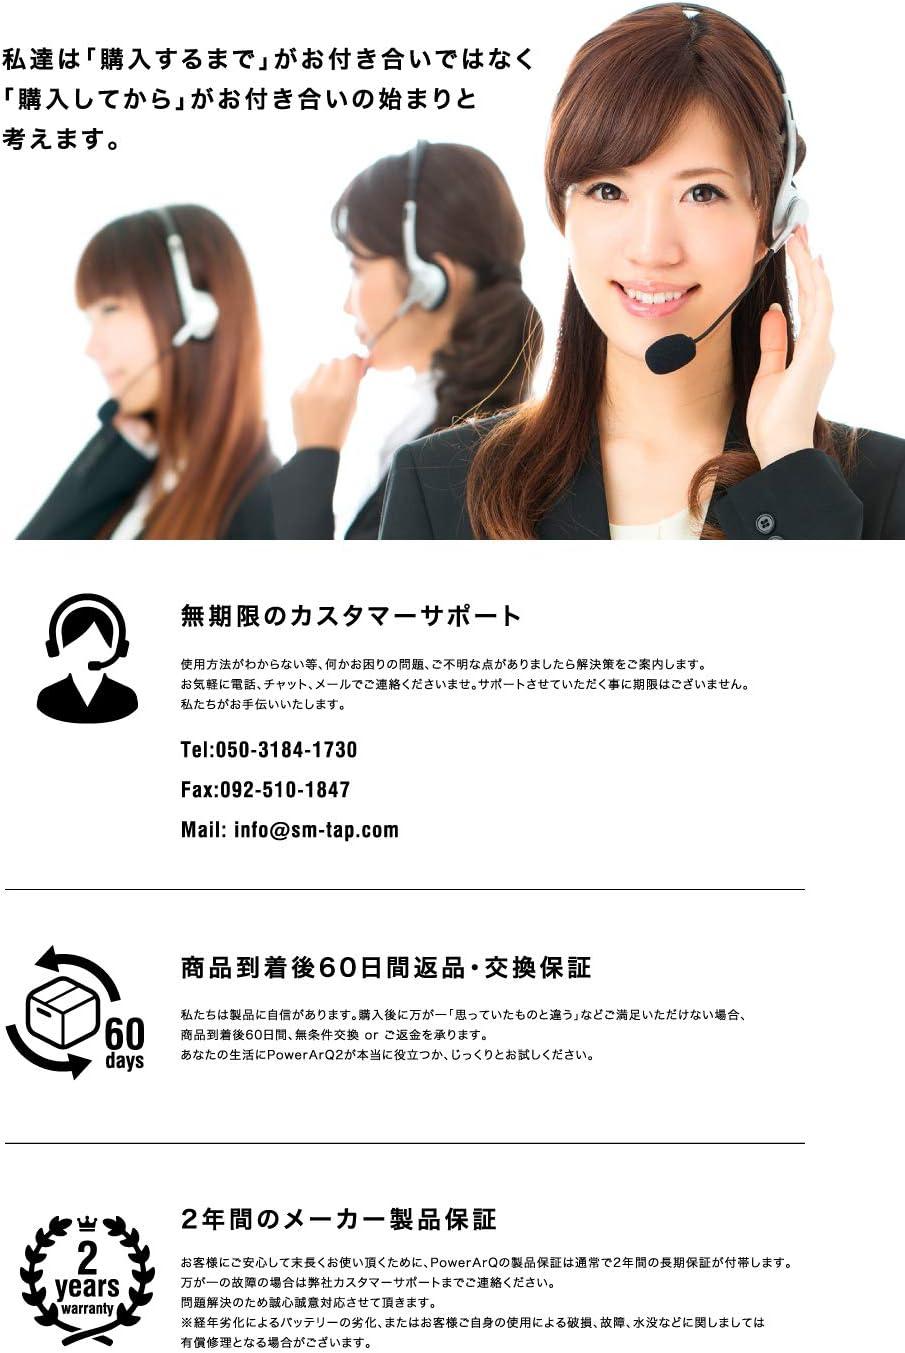 SmartTap(スマートタップ)の保証について書かれた画像